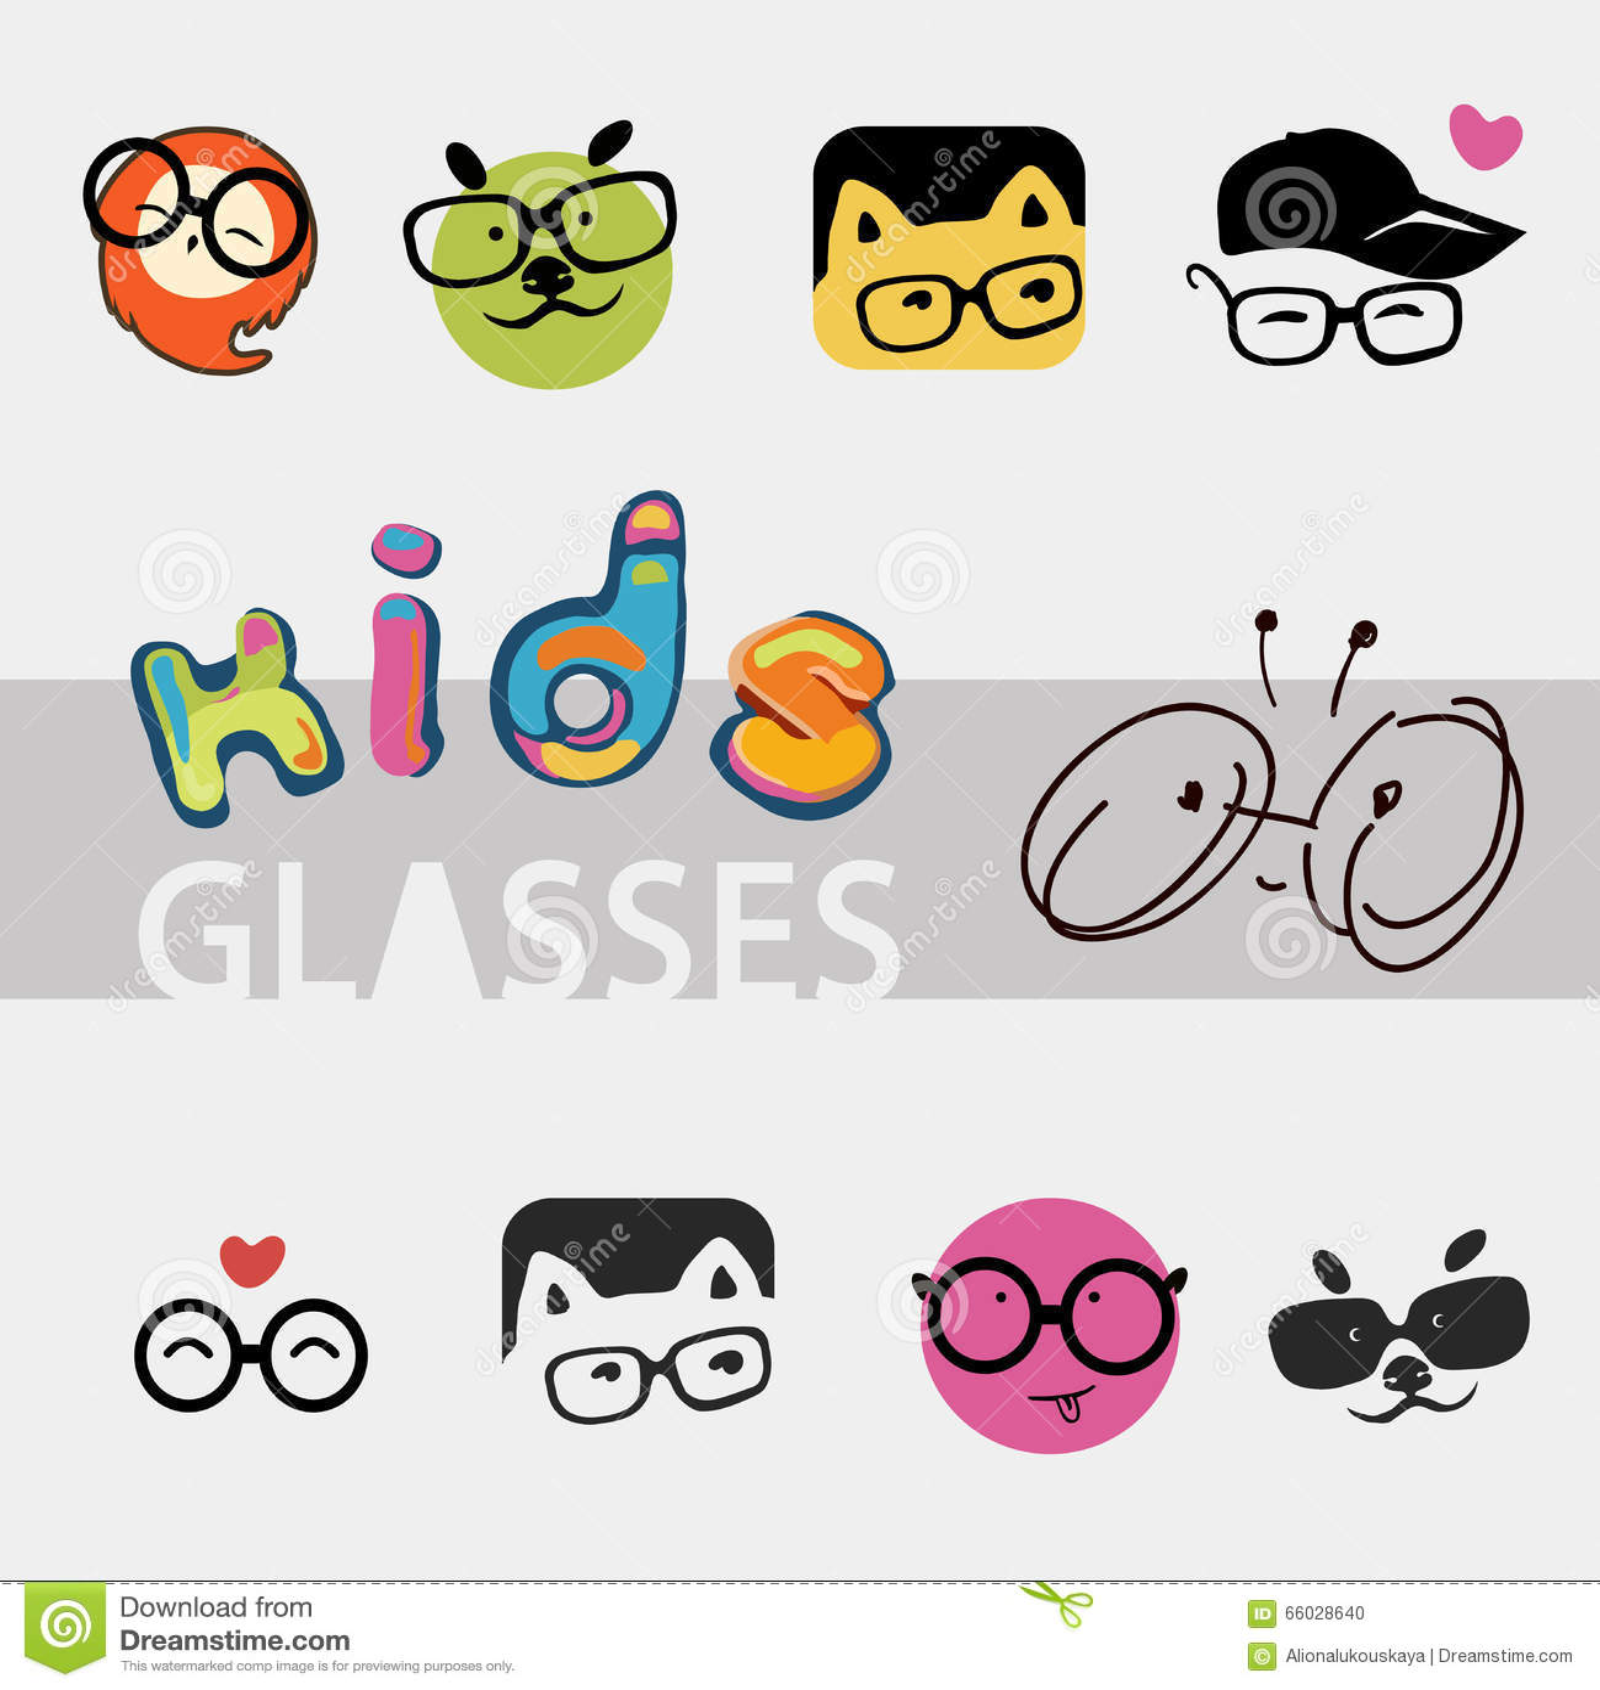 Ikonen Logos Für Die Firma Der Gläser Der Kinder Verschiedene